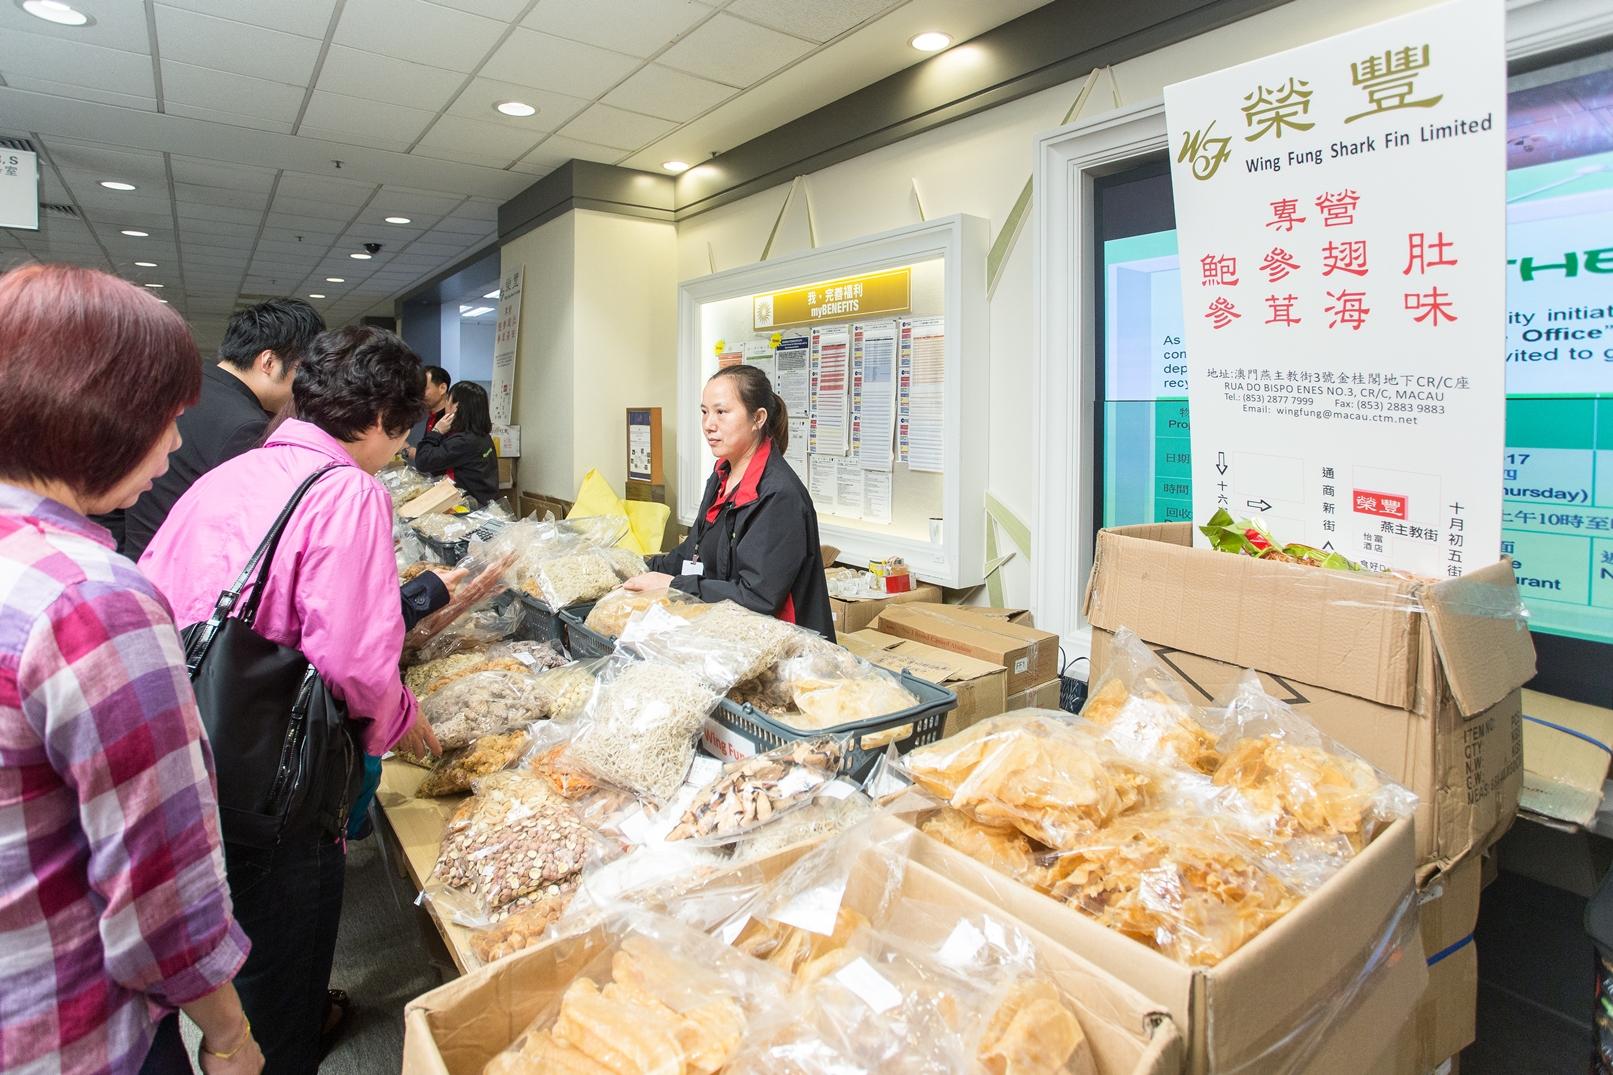 金沙中国邀请本地中小企供应商于后勤区举办员工优惠活动